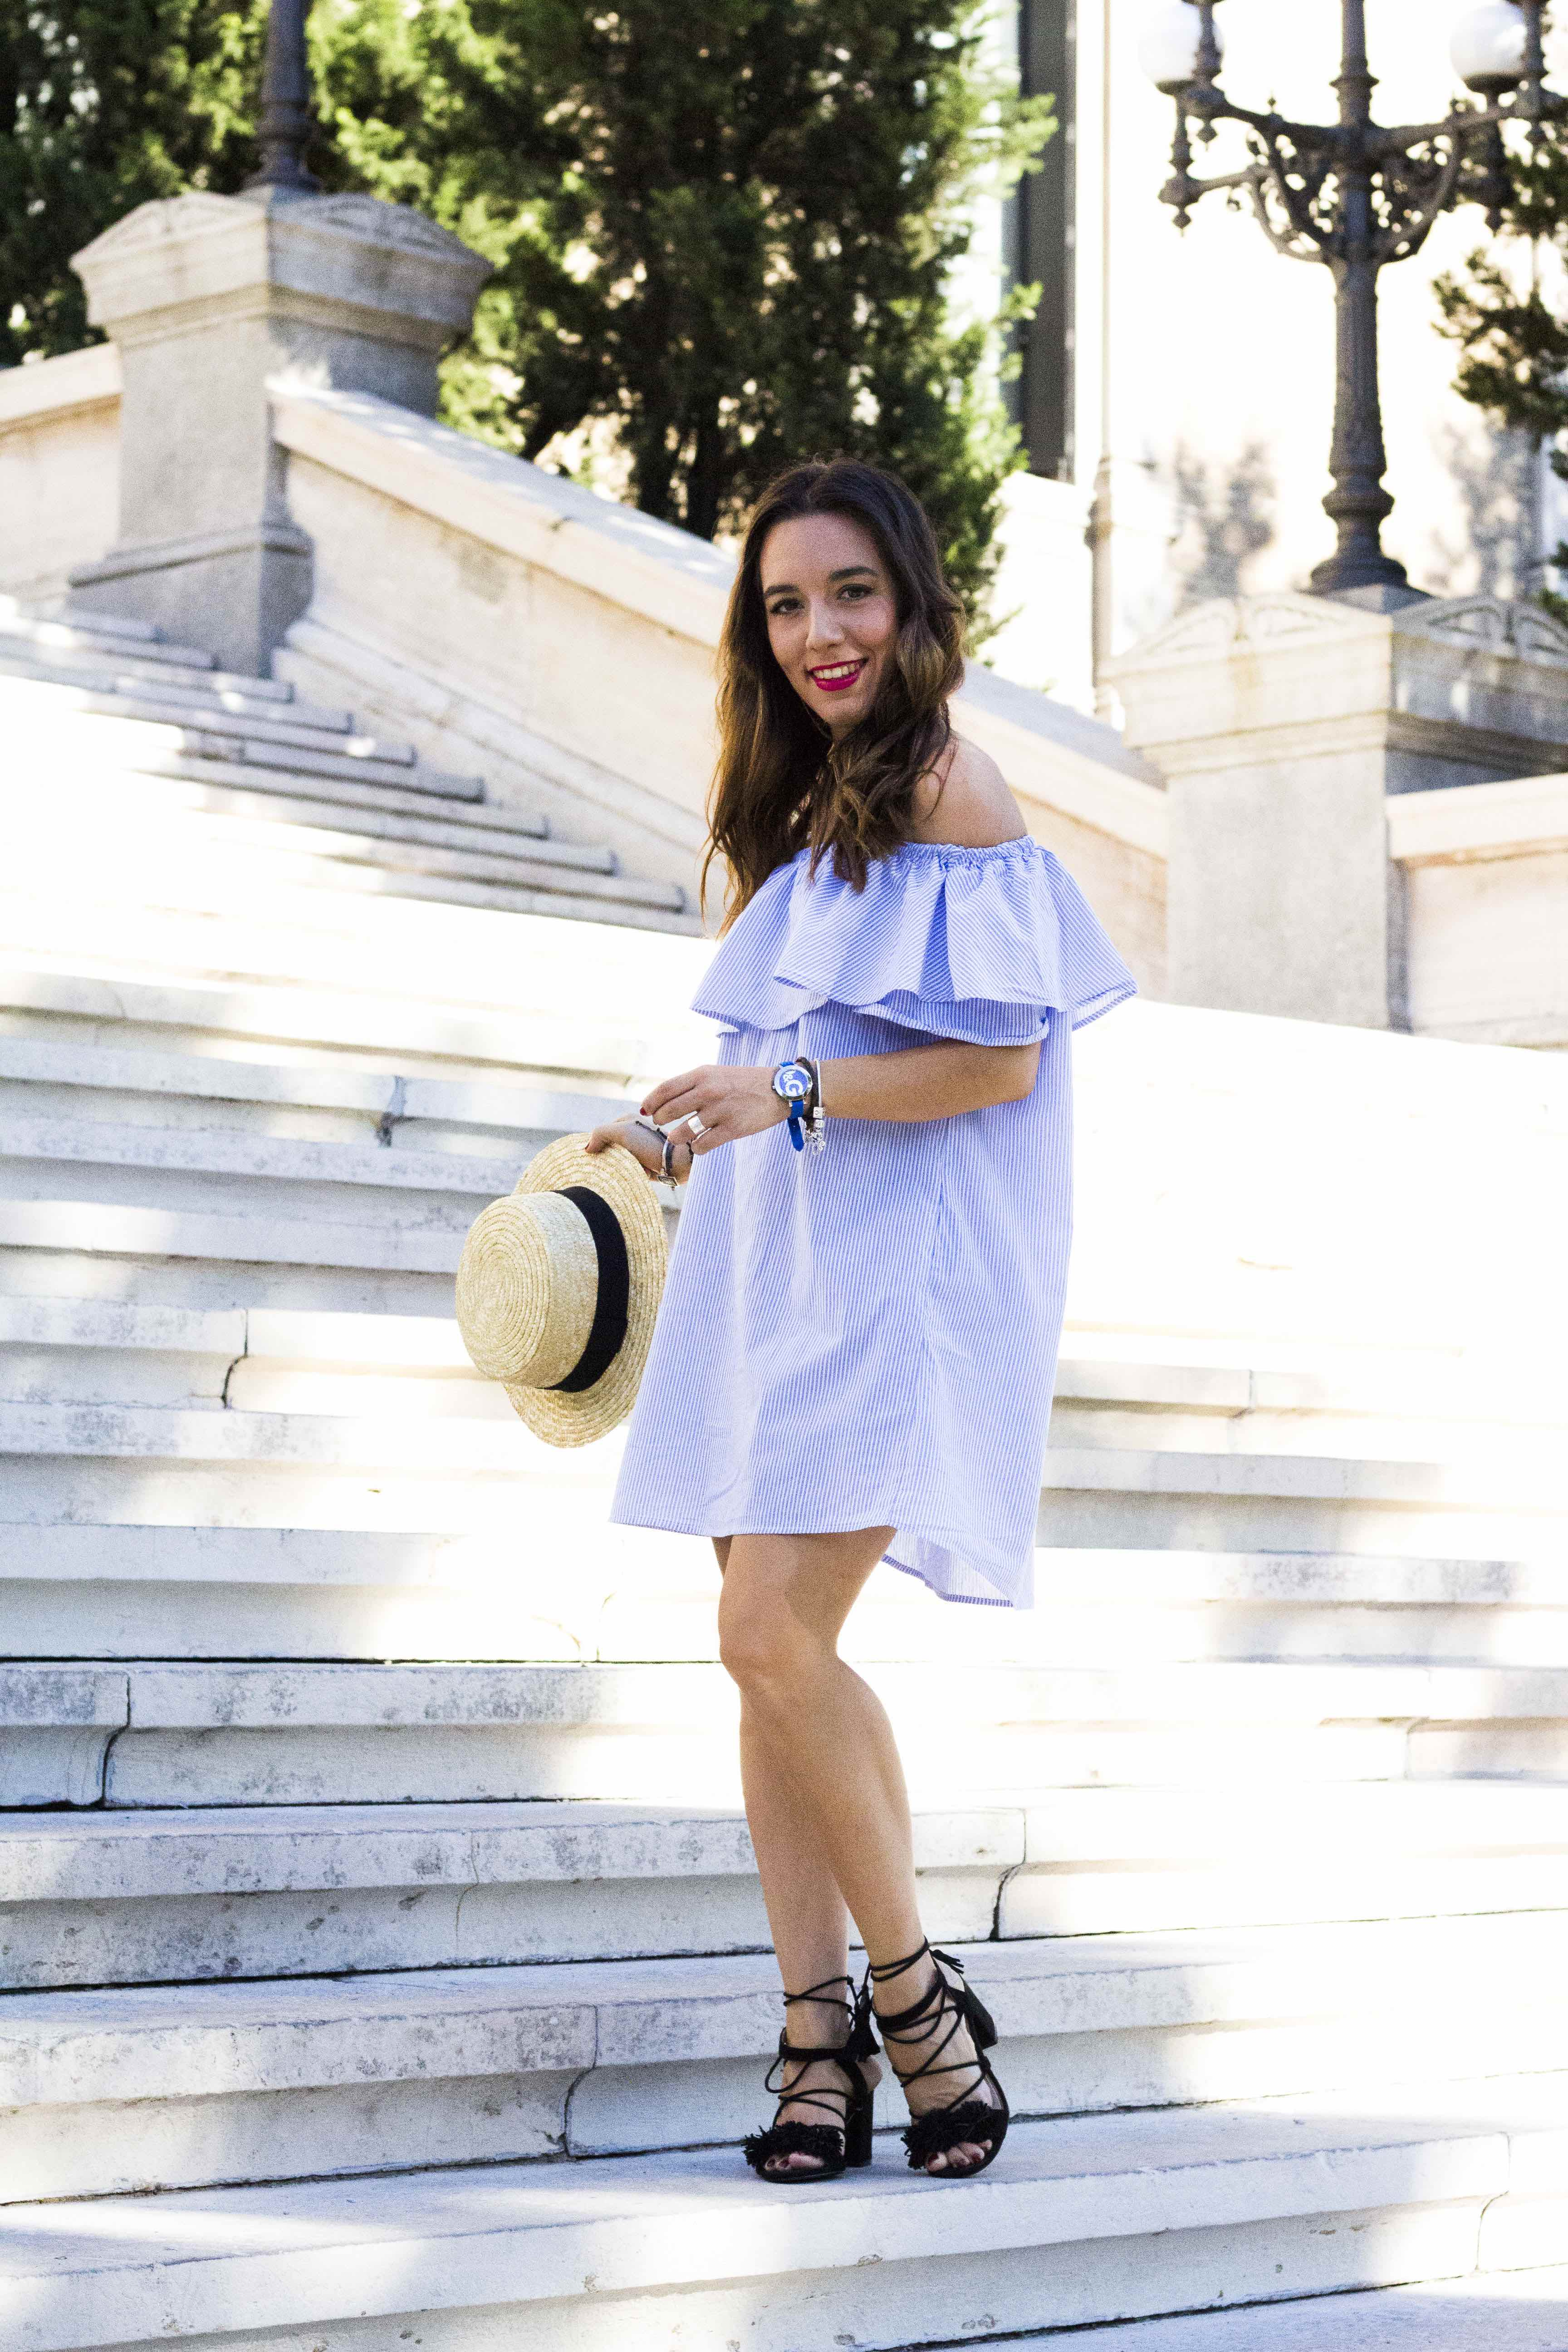 lucir_hombros_esta_de_moda-Summer_look-sombrero_borsalino-Off_The_Shoulders-Less_Is_More-sandalias_atadas-Street_Style-Sandalias_flecos-vestido_de_rayas-vestido_volante_zara-lessismoreblog